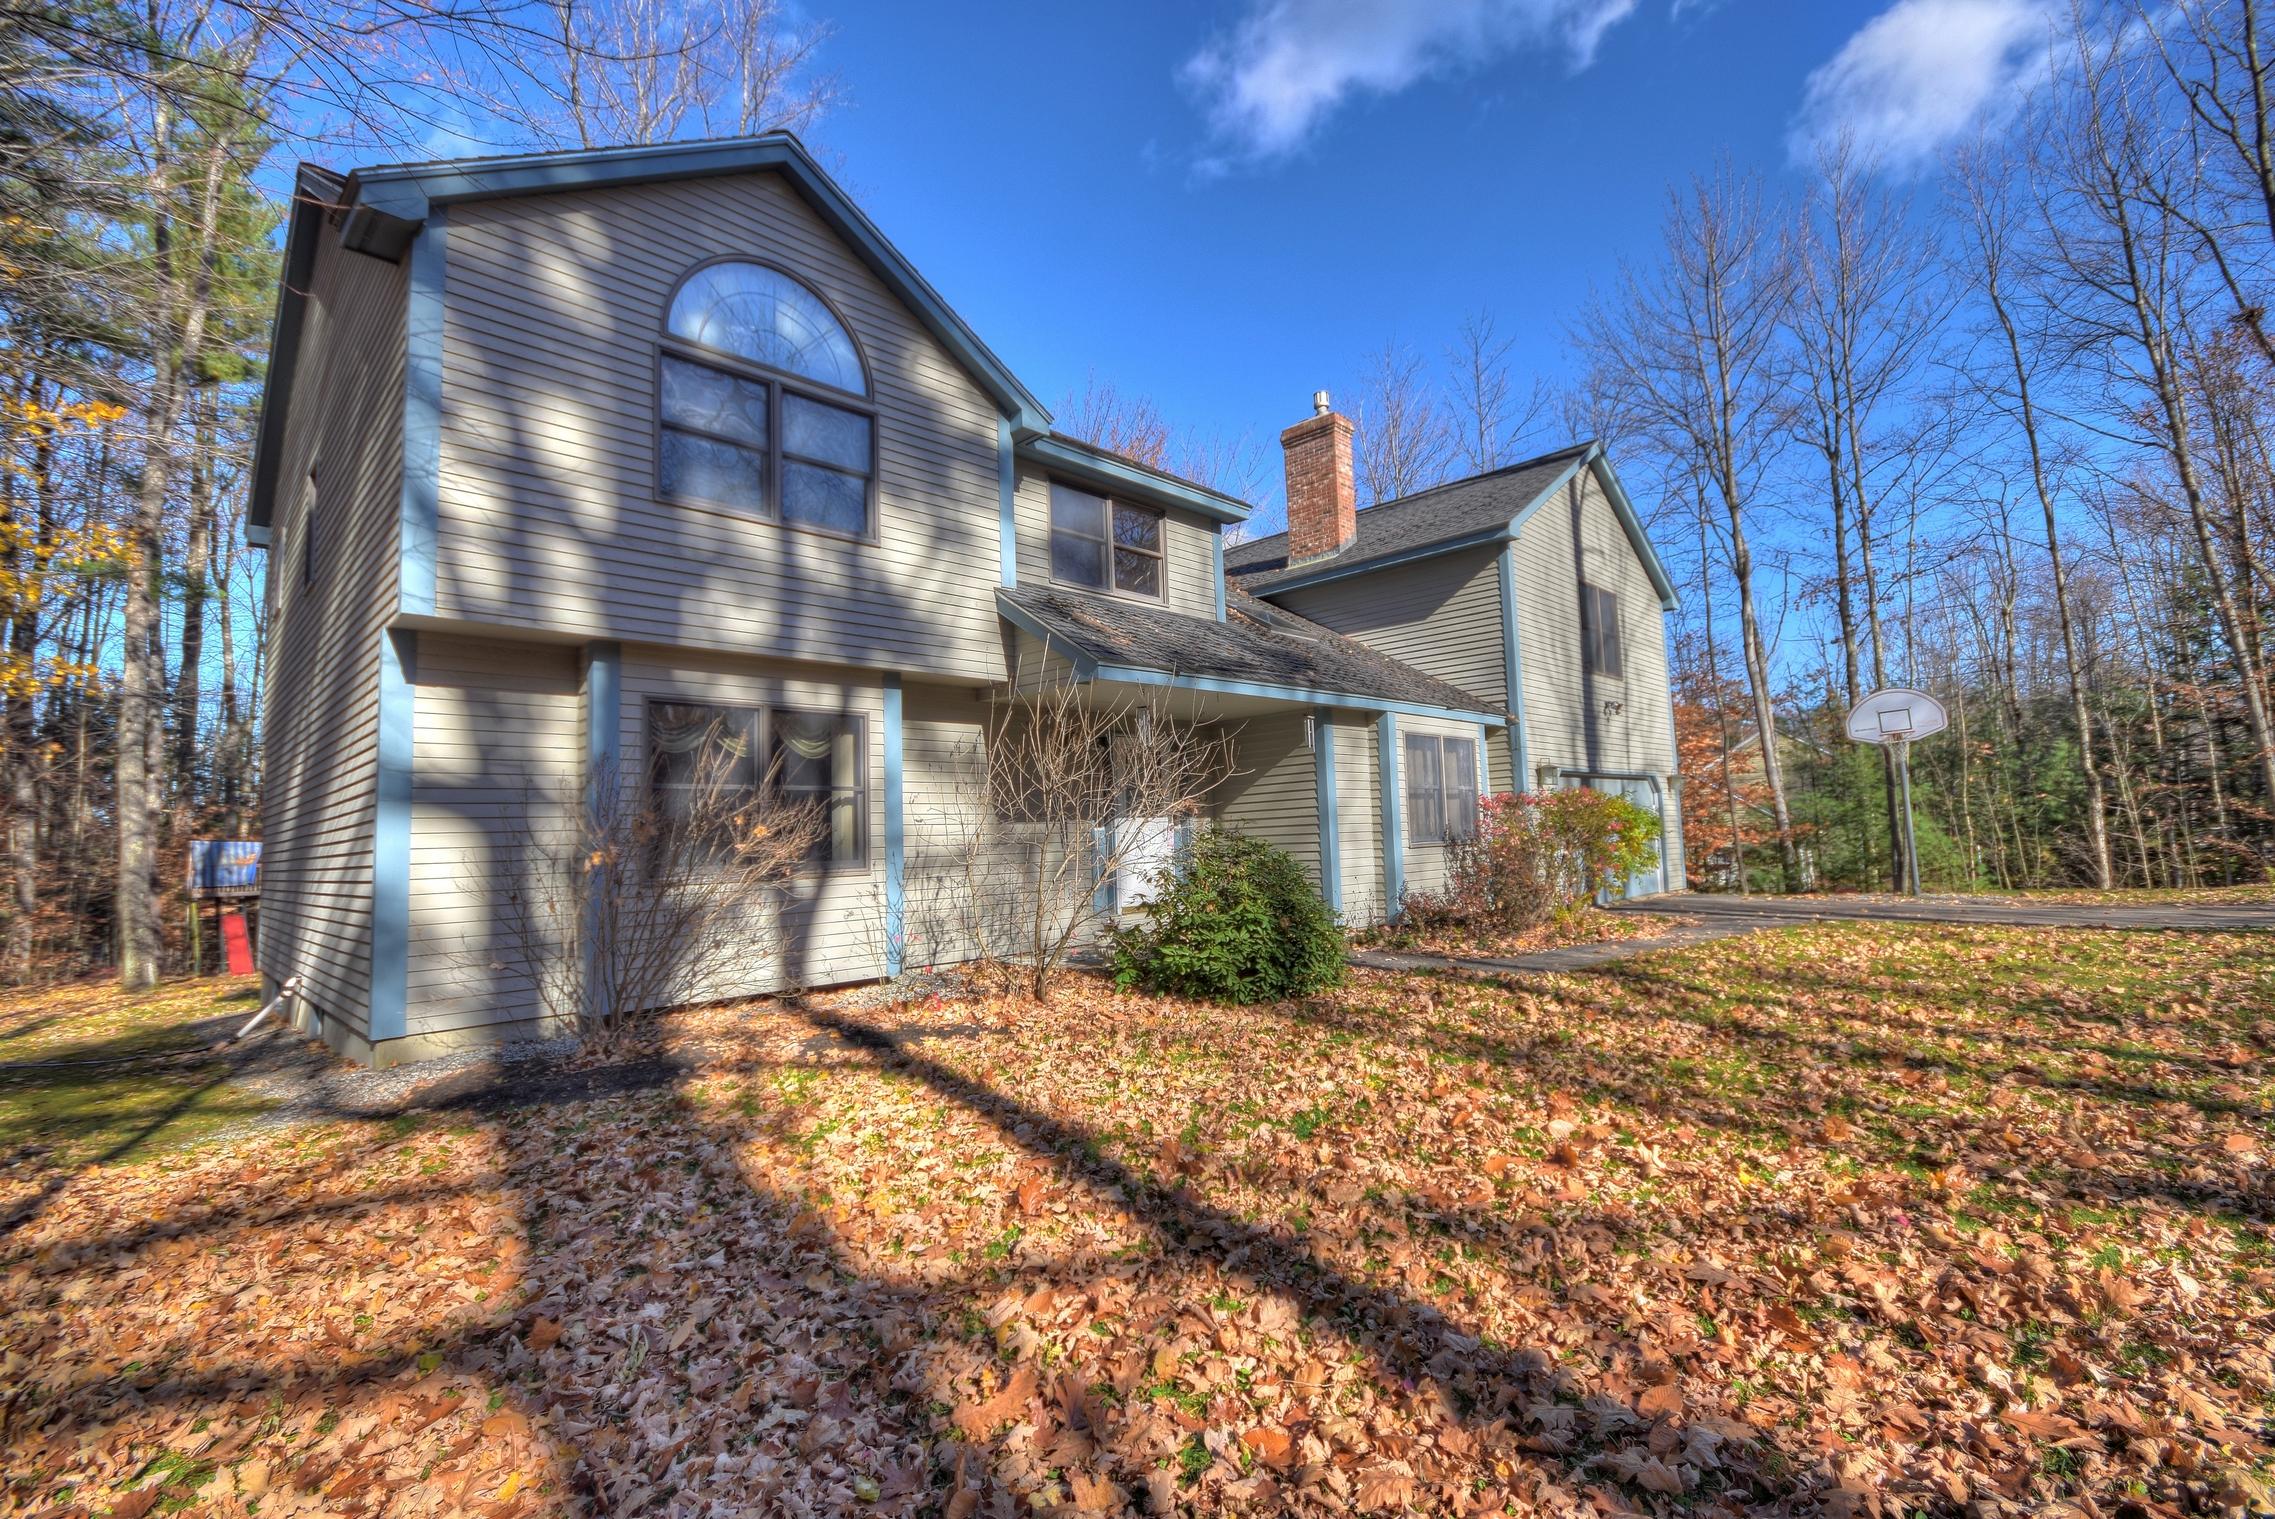 Maison unifamiliale pour l Vente à 33 Robertson, Gilford 33 Robertson Dr Gilford, New Hampshire, 03249 États-Unis